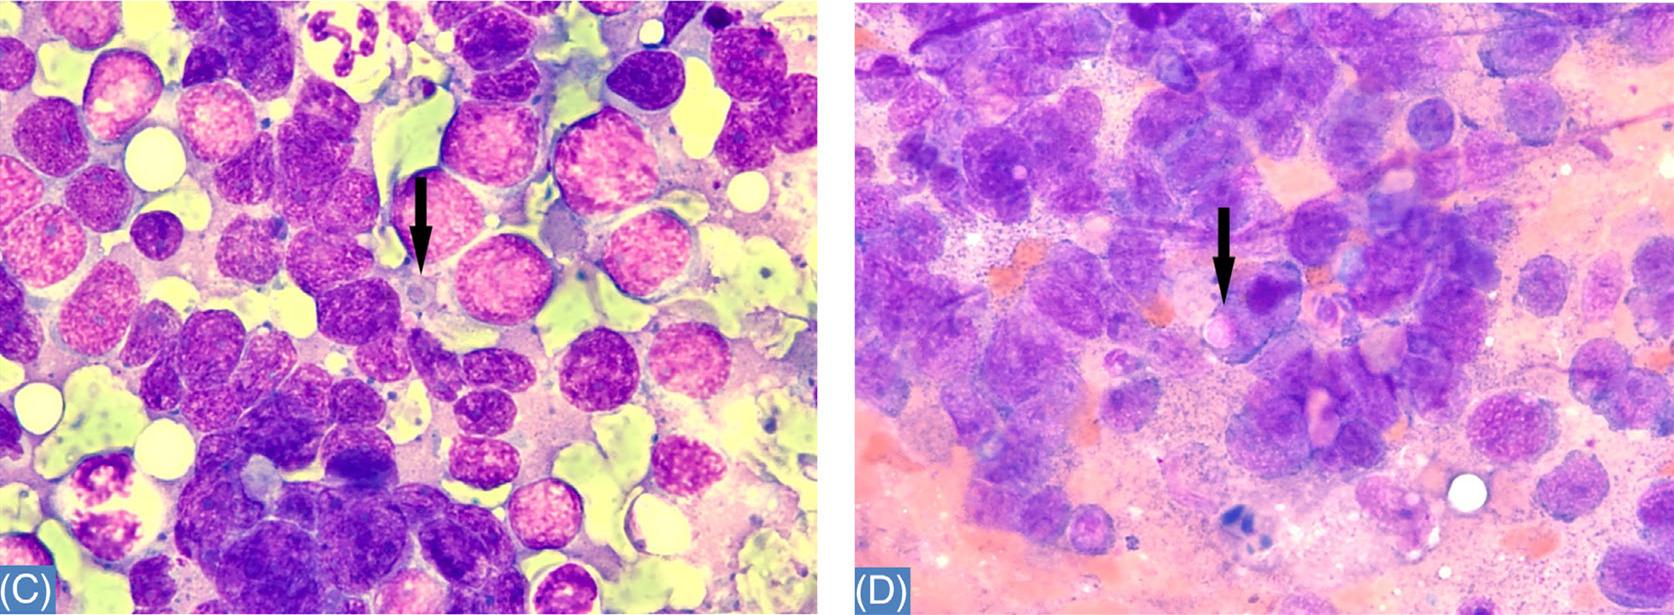 读文献,学病理-Merkel细胞癌的细胞学表现